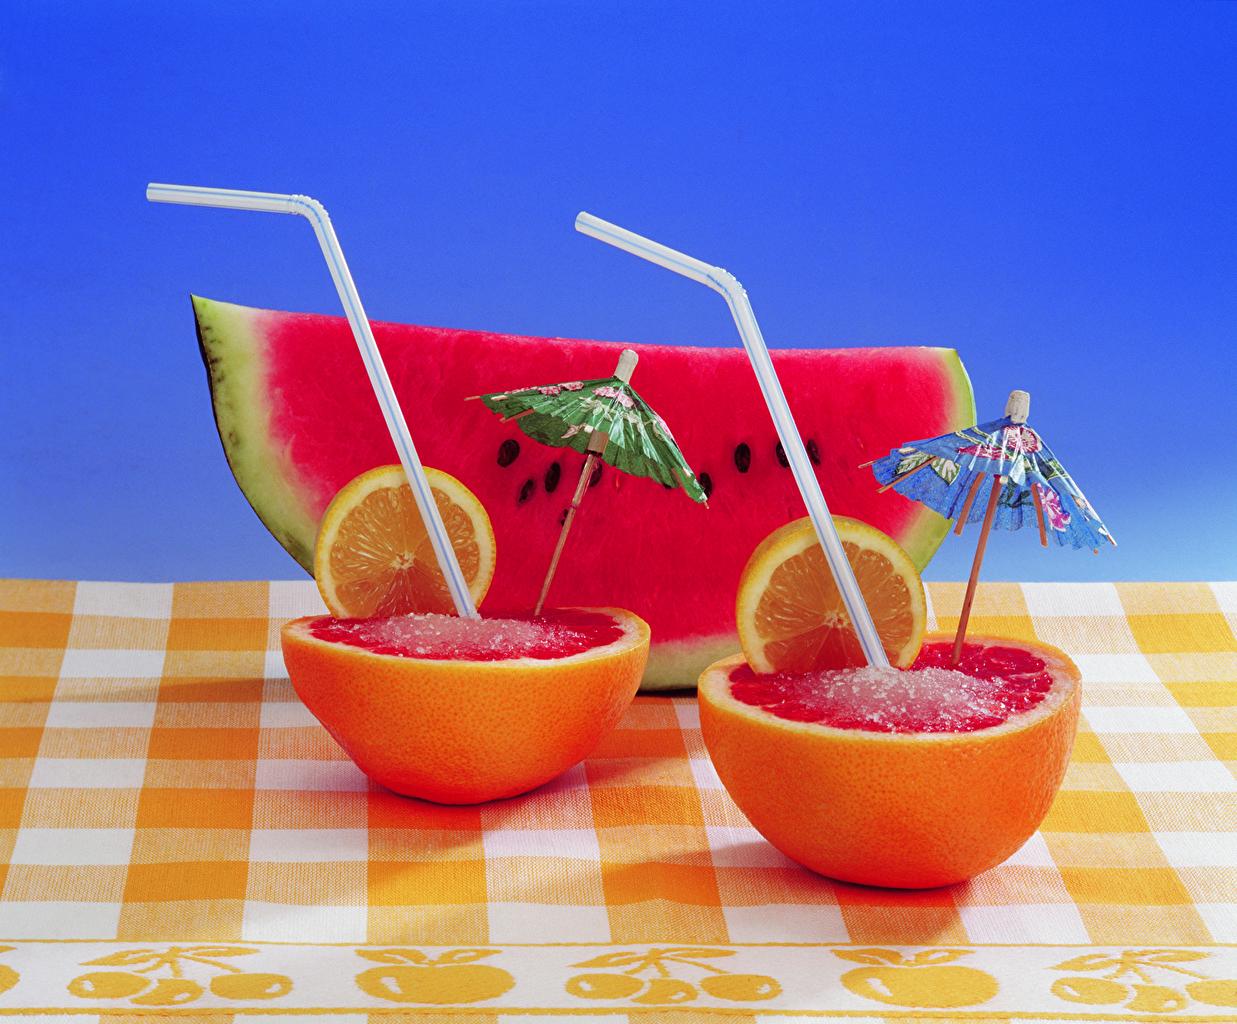 Картинки Апельсин Лимоны Арбузы Еда зонтом Фрукты Зонт Пища зонтик Продукты питания